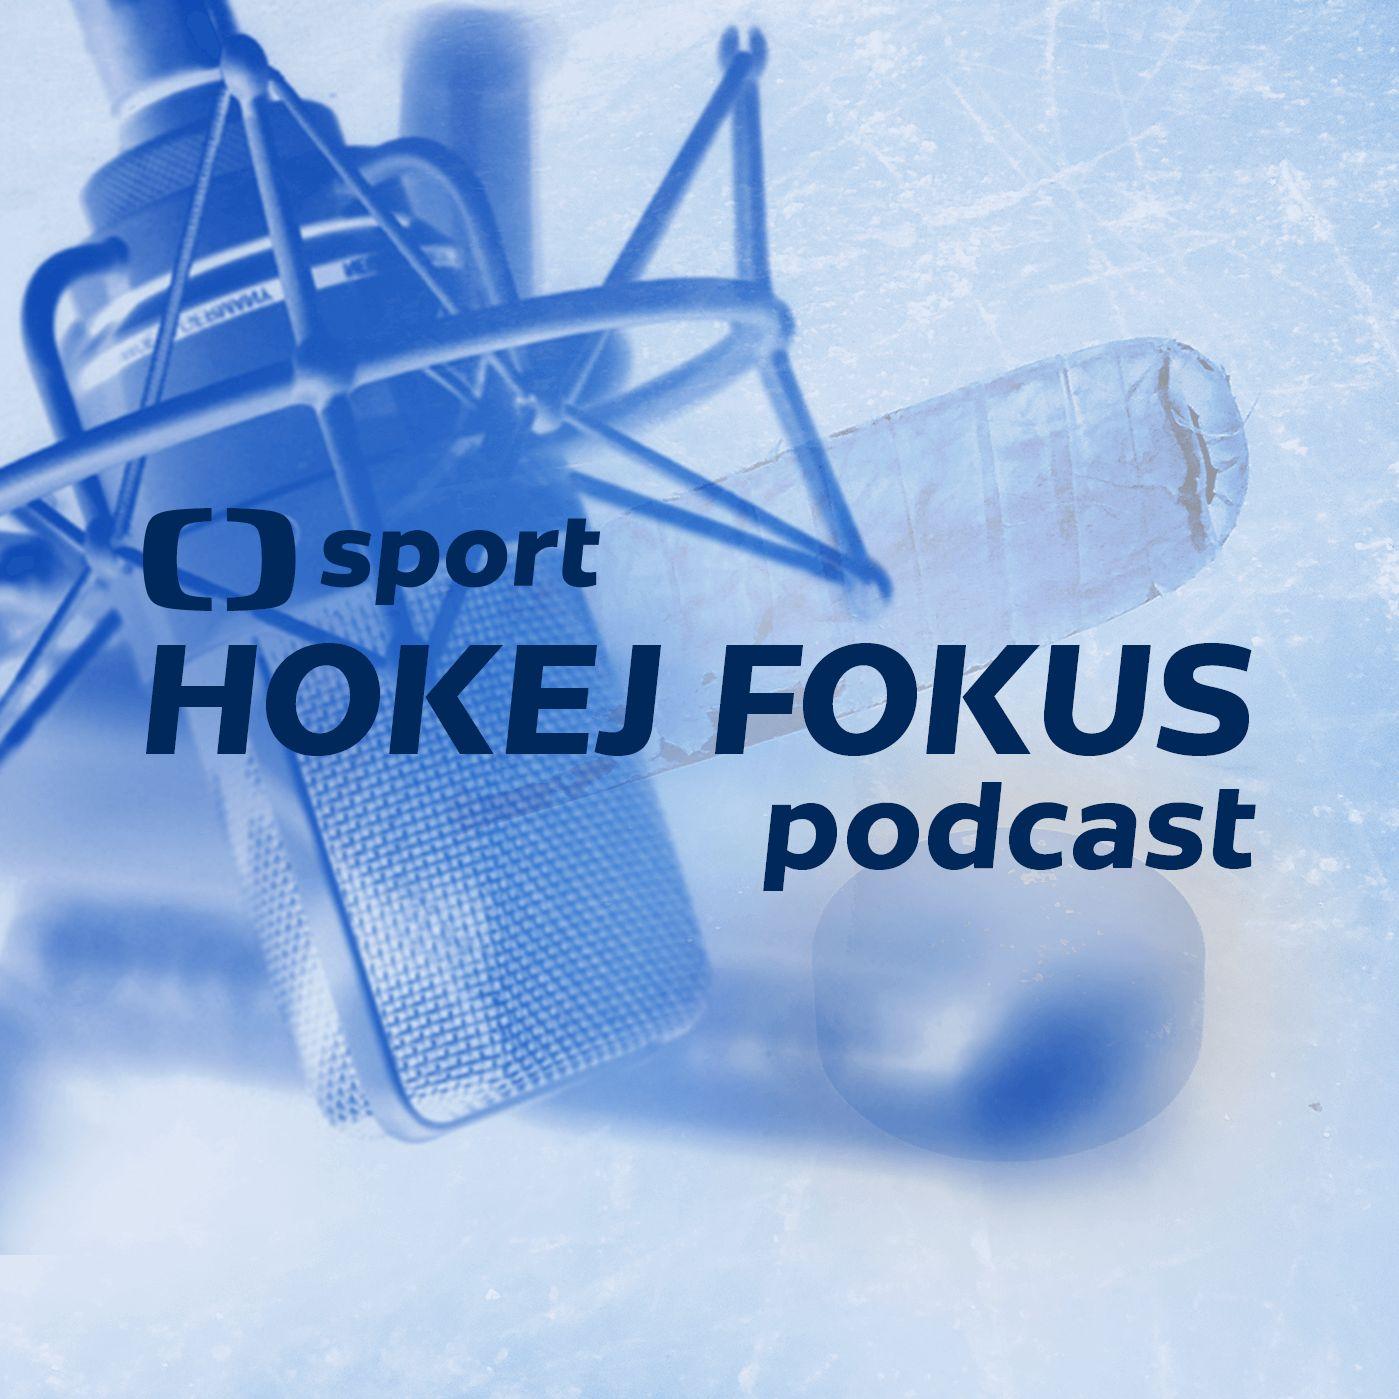 Hokej fokus podcast: Jak ovlivní úspěch Sparty budoucnost Ligy mistrů?